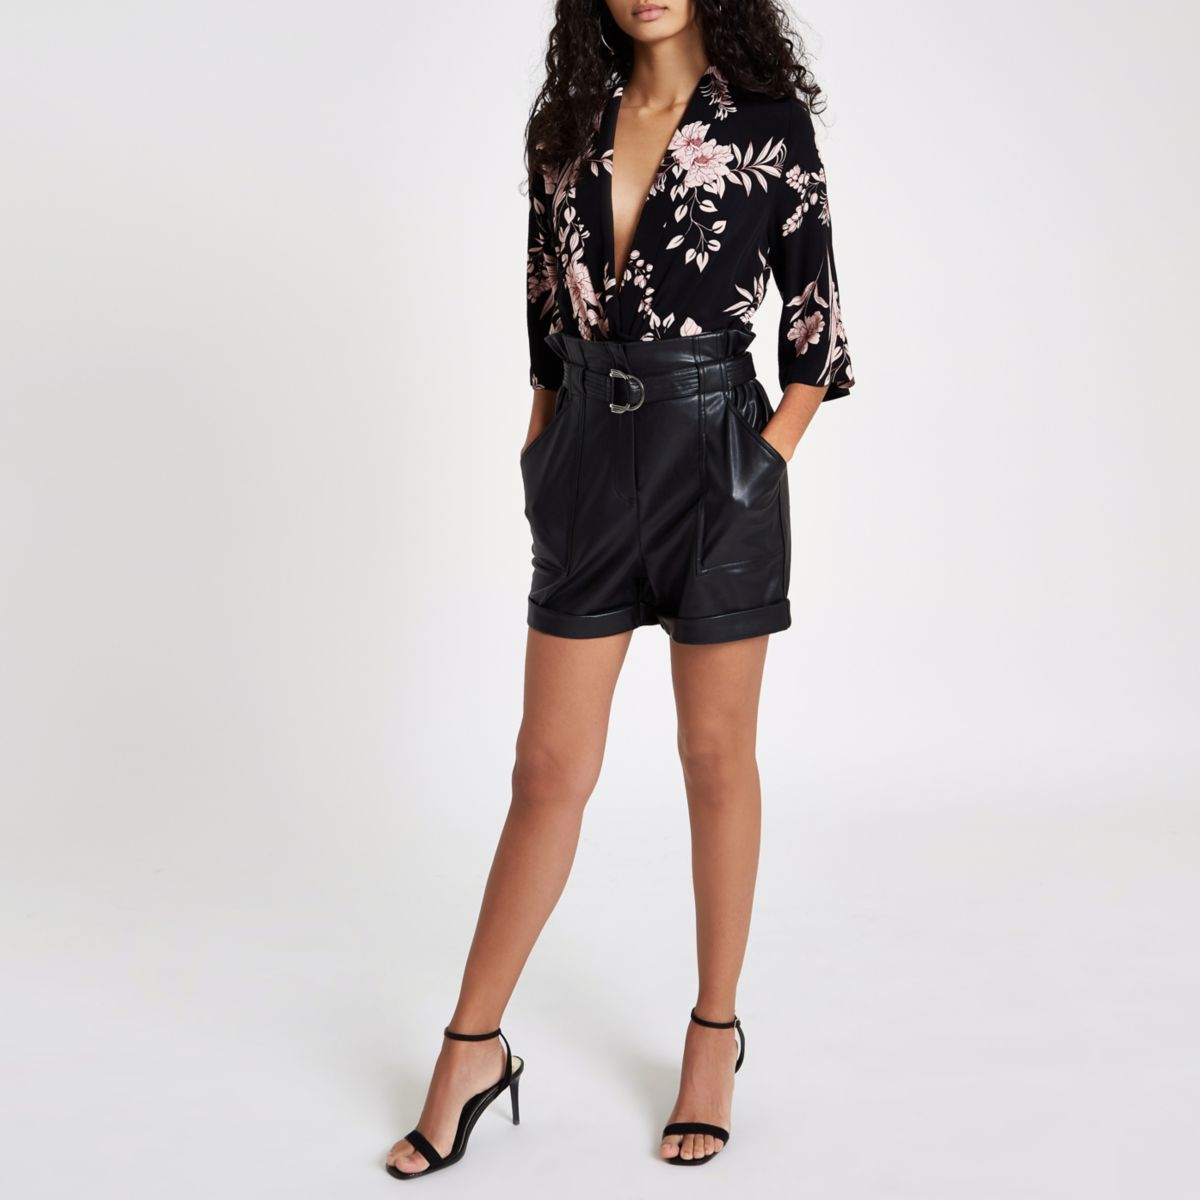 Black floral wrap bodysuit